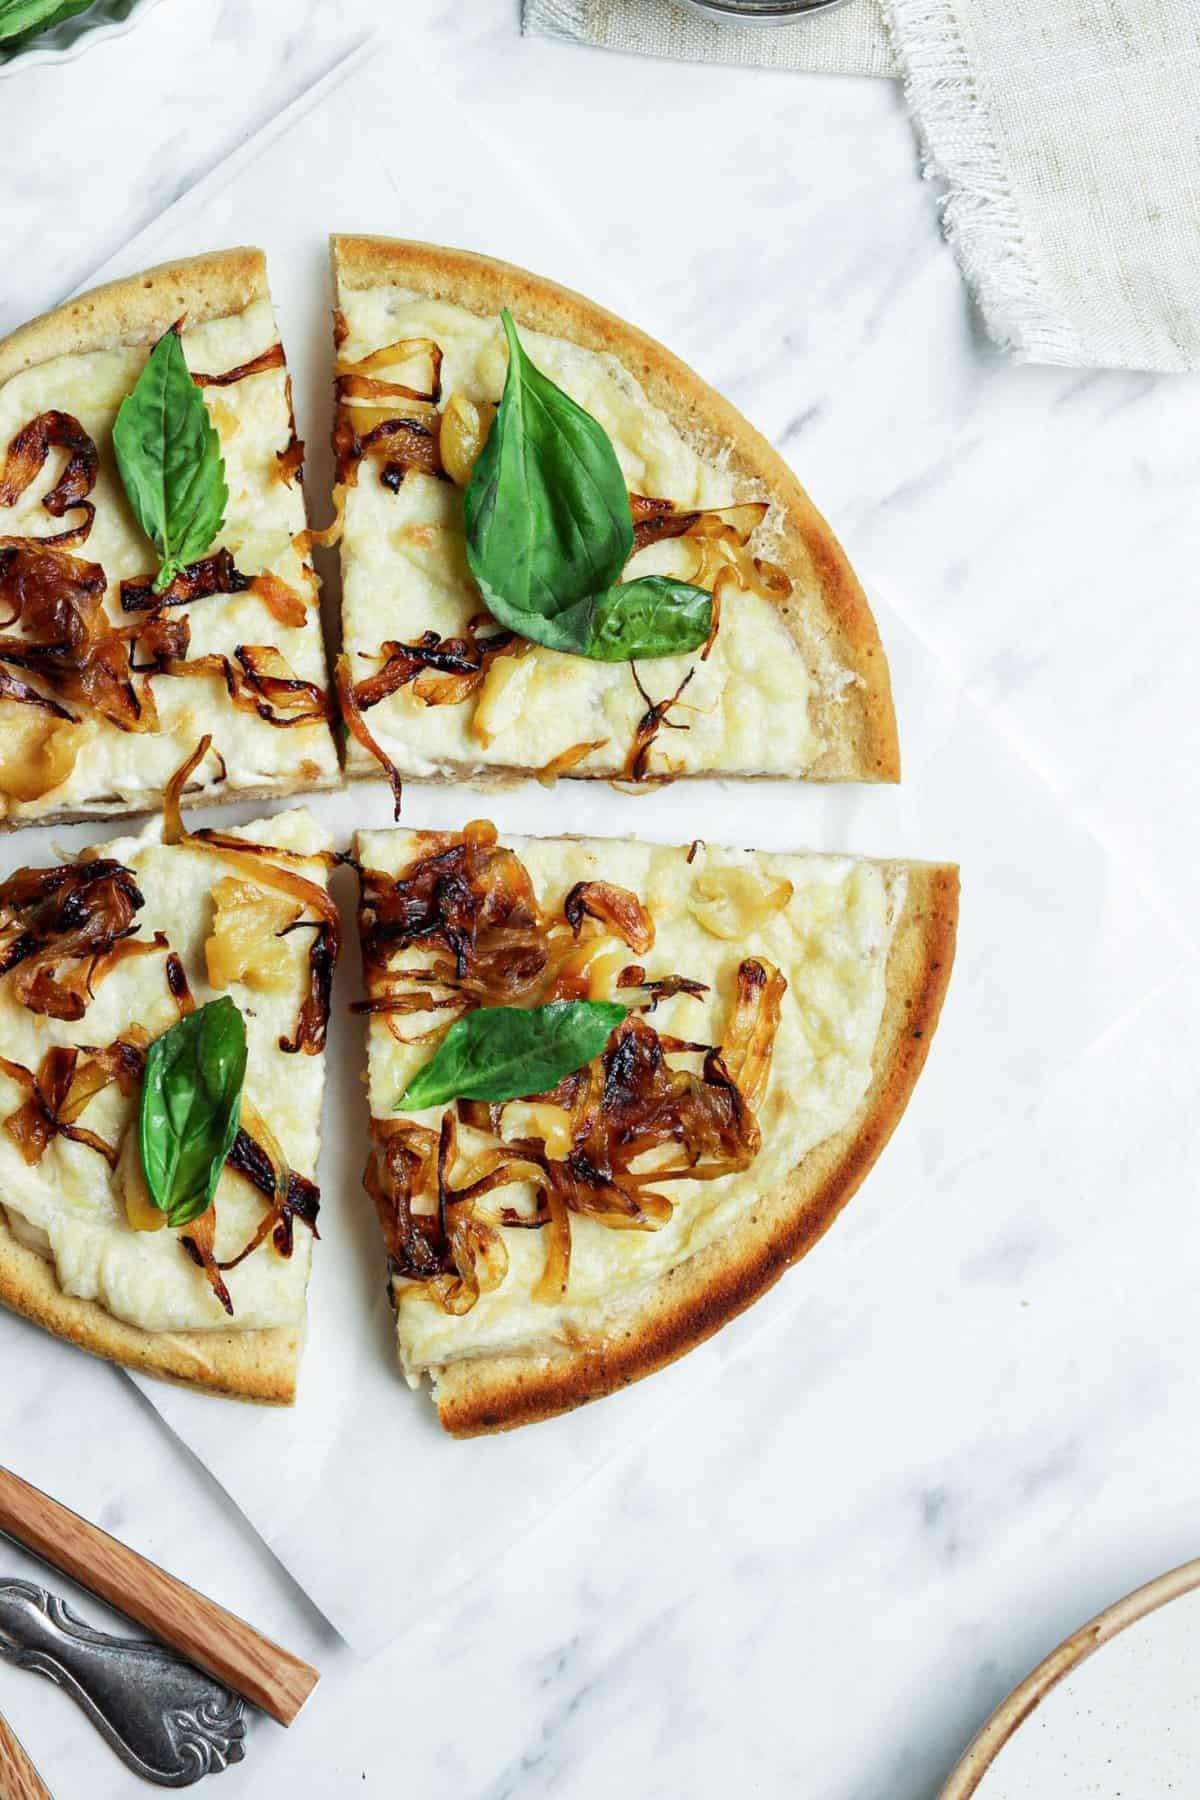 Easy Vegan Pizza